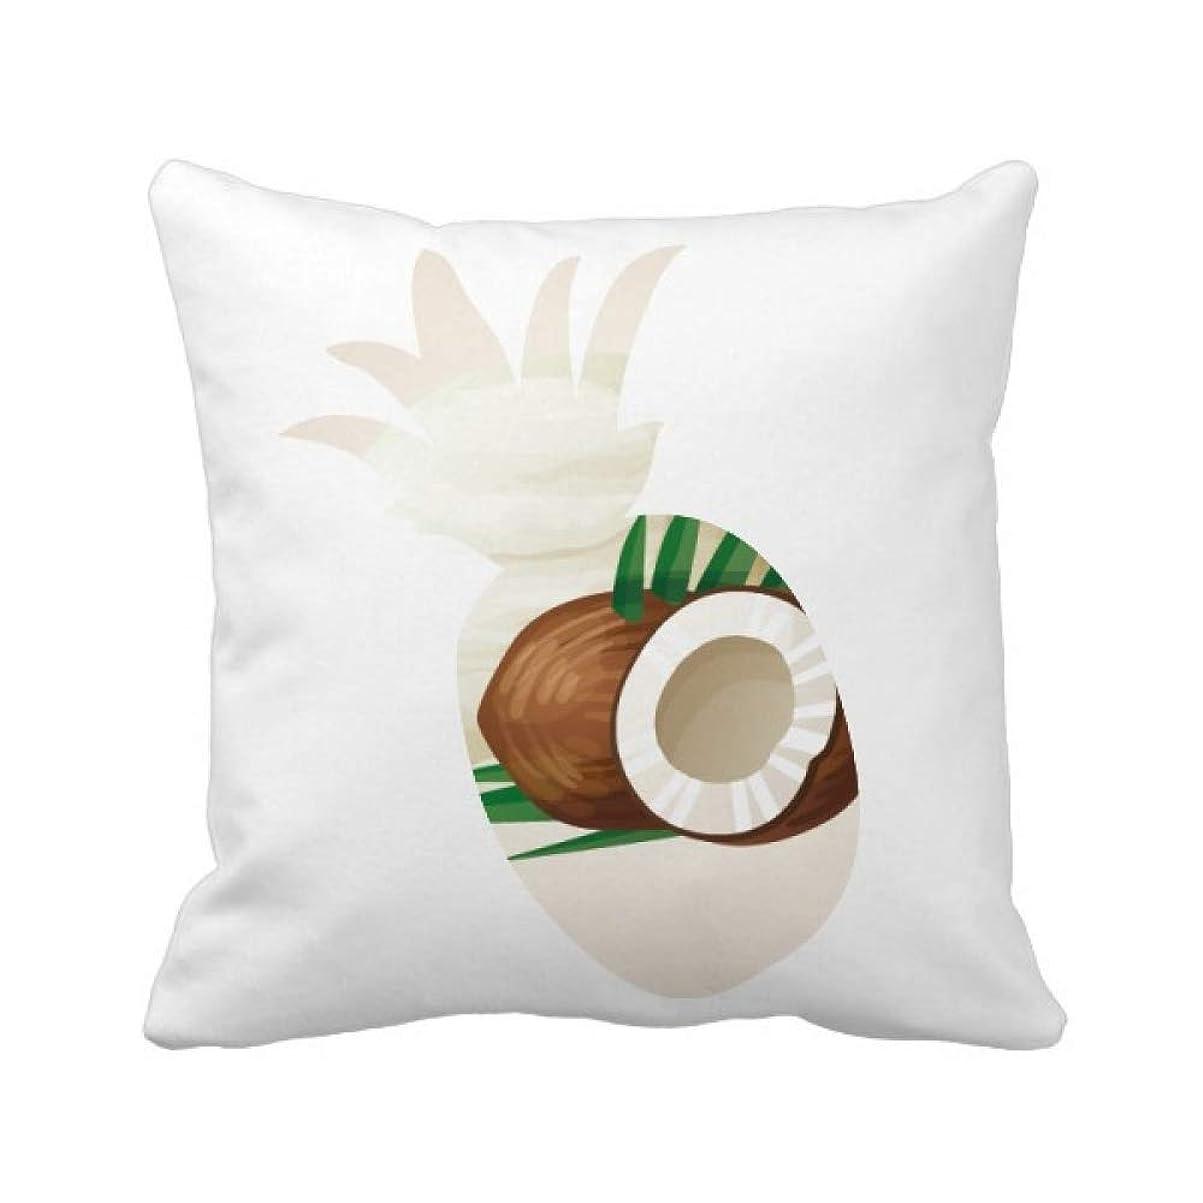 バケットネコアラート葉のココナッツアイスクリーム パイナップル枕カバー正方形を投げる 50cm x 50cm